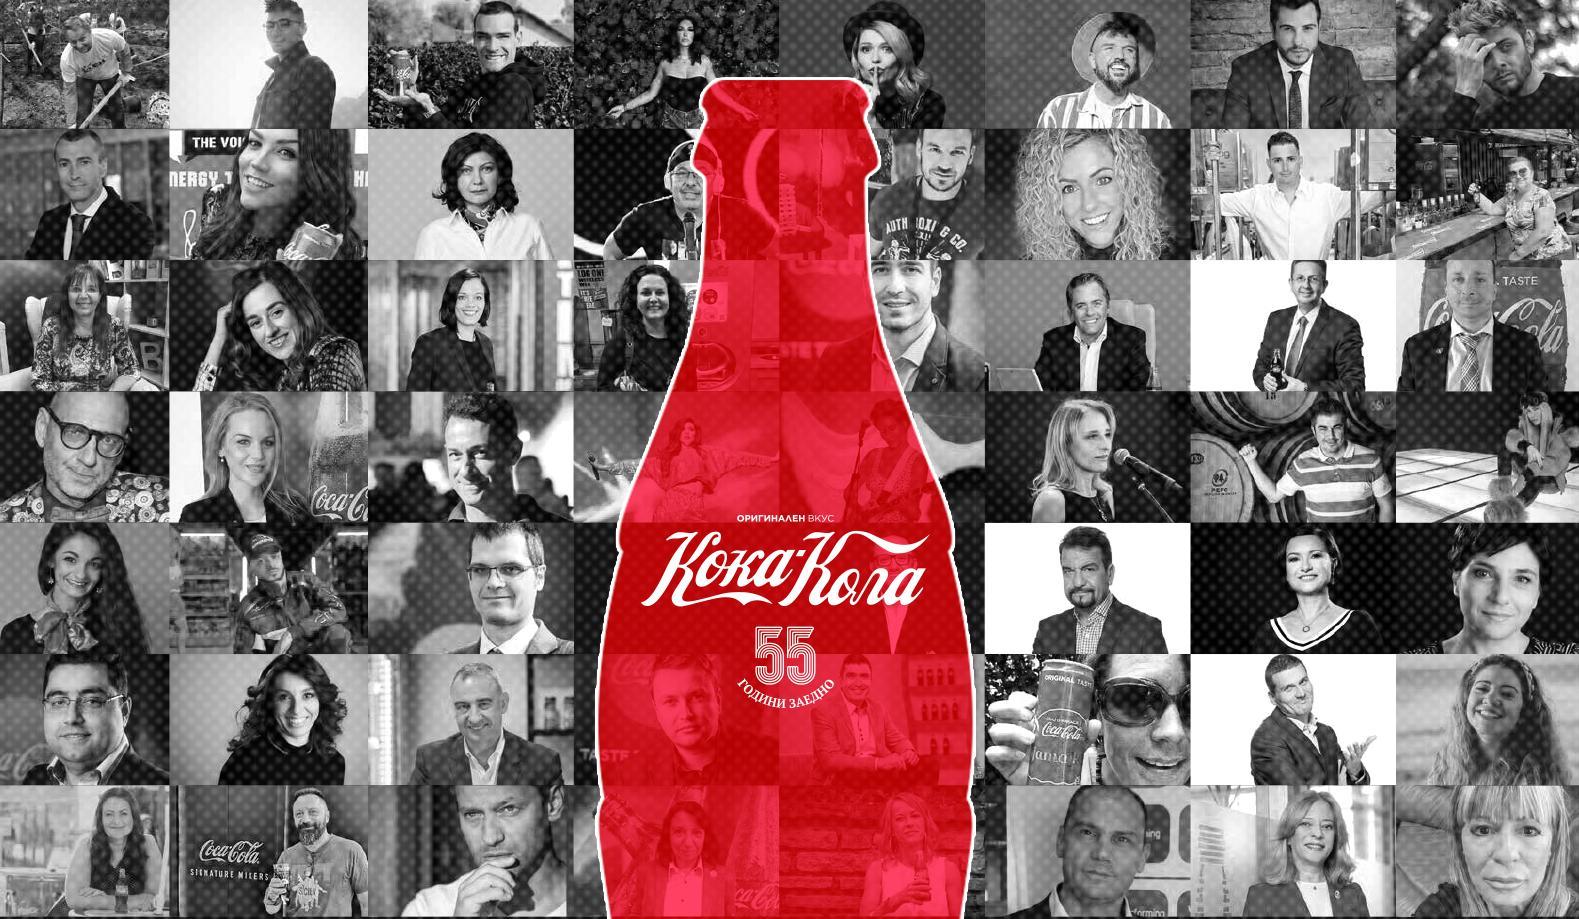 Кока-Кола събра 550 години вдъхновение, за да отбележи своята 55-годишнина в България